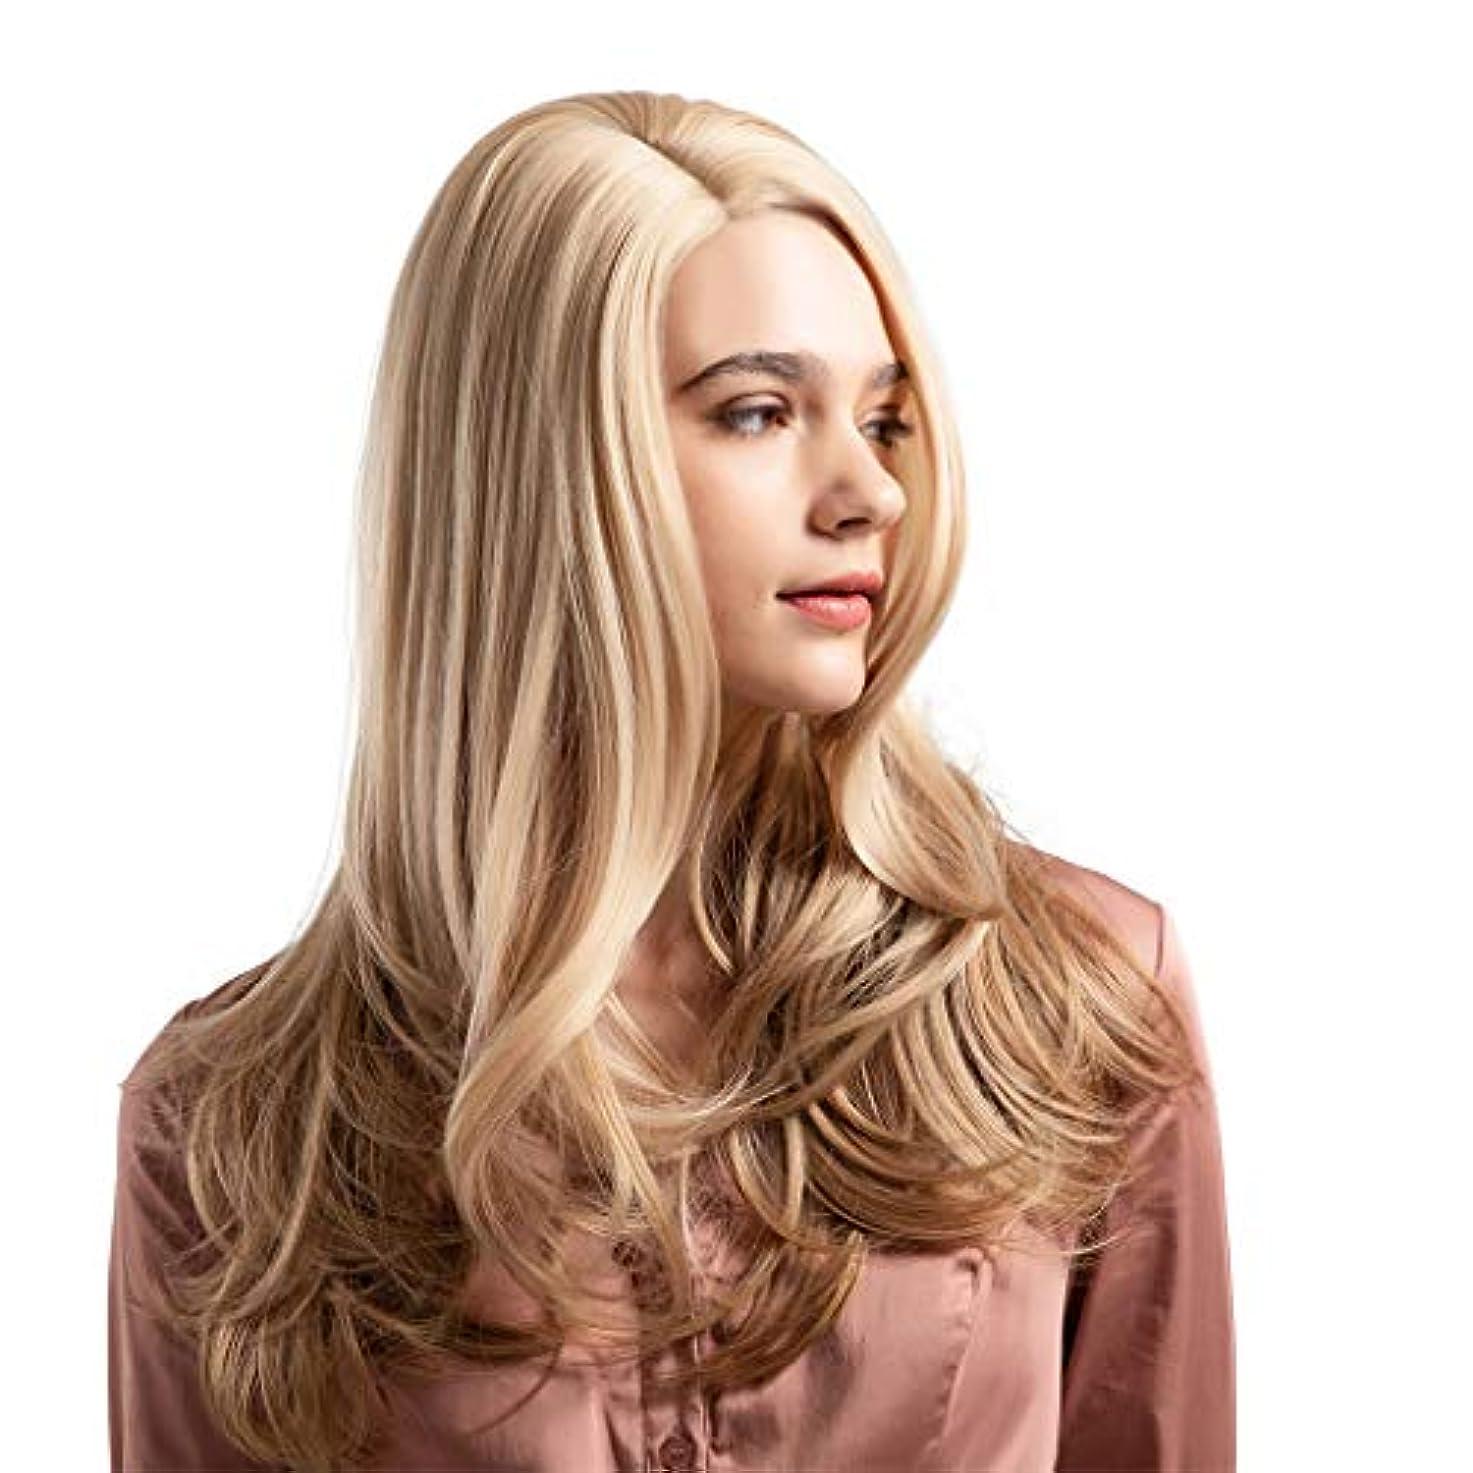 廃止サーキュレーション返済ウィッグ女性黄金の大きな波状の巻き毛の高温シルクウィッグ22インチ